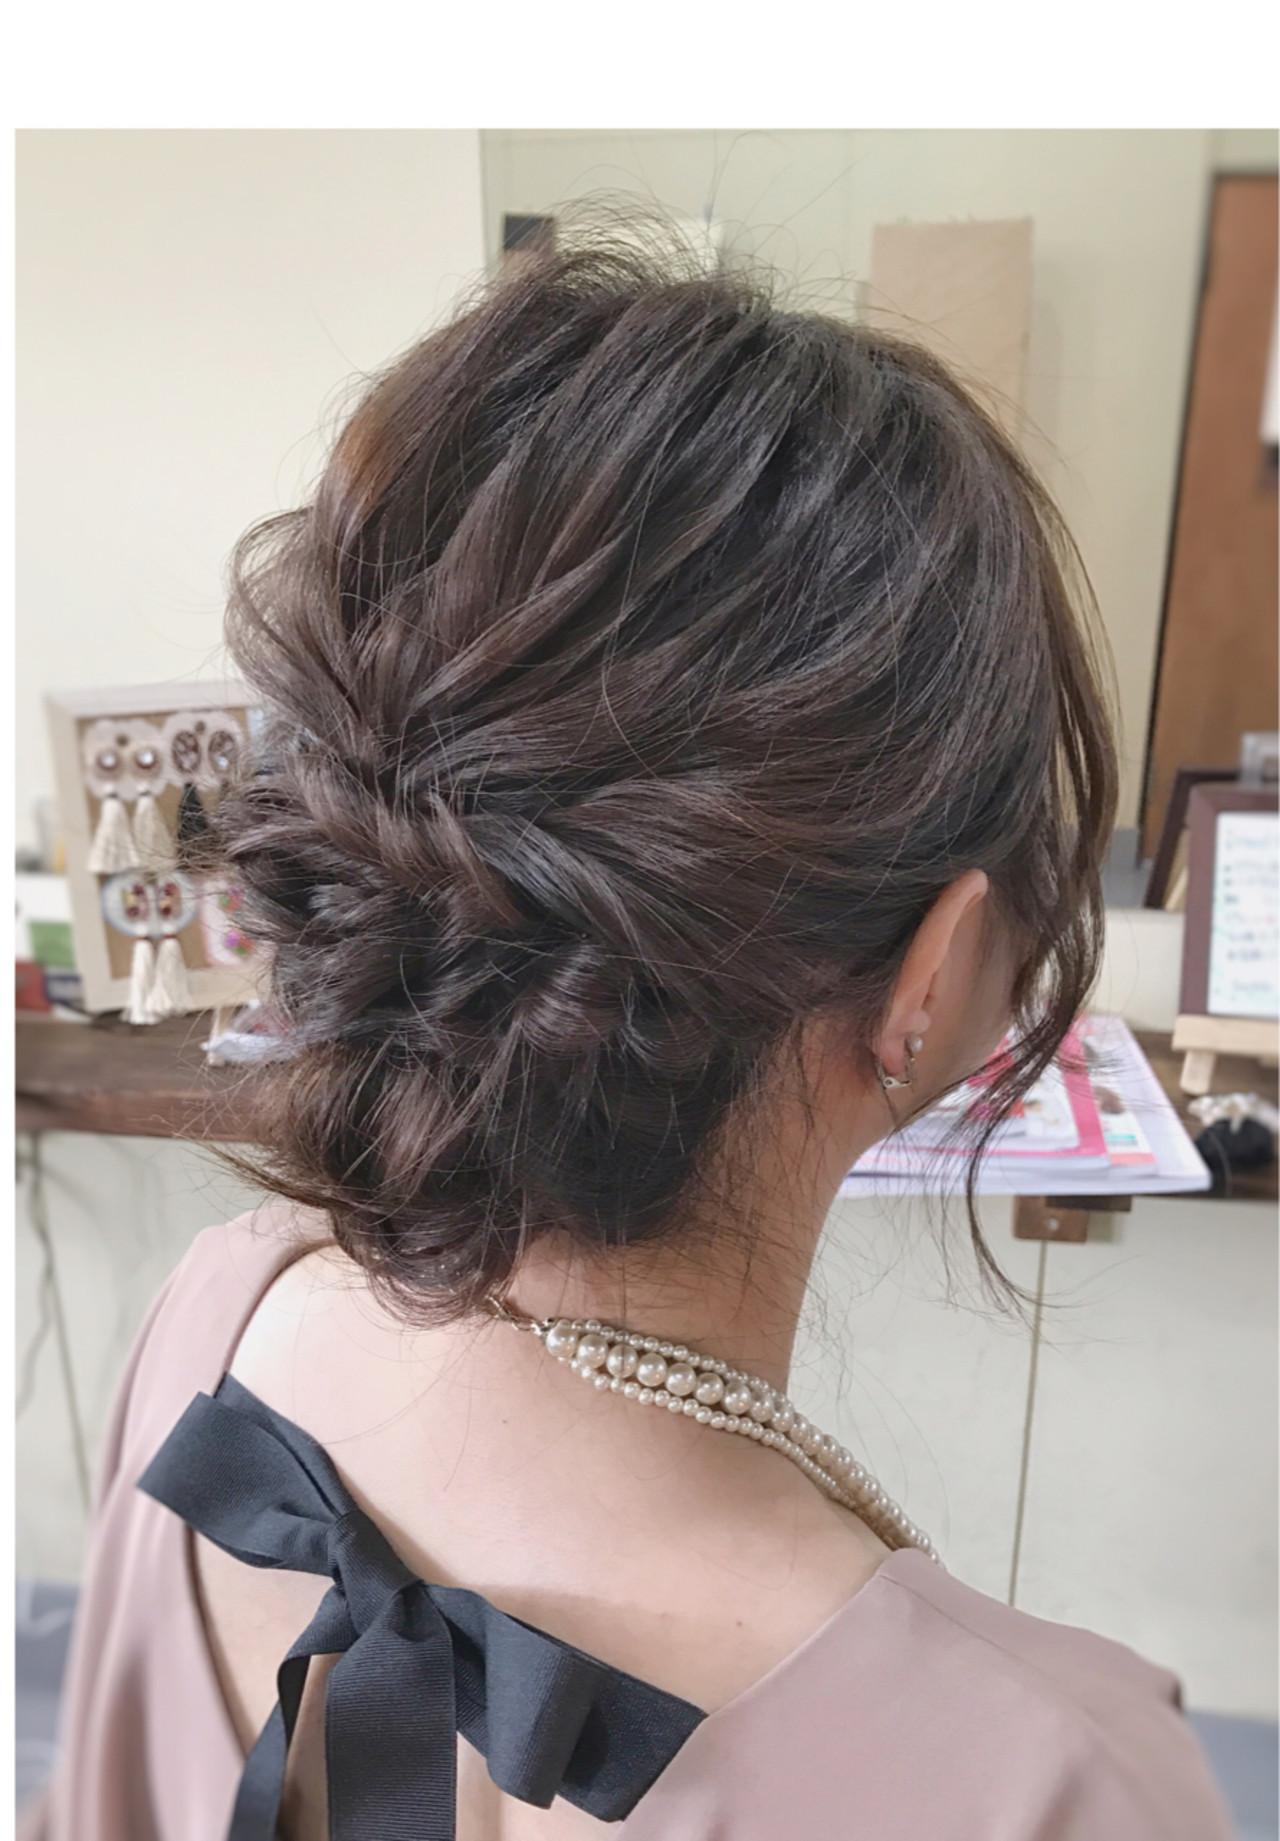 自分の髪型を大変身!簡単にできちゃう可愛いヘアアレンジ方法♡ サワ